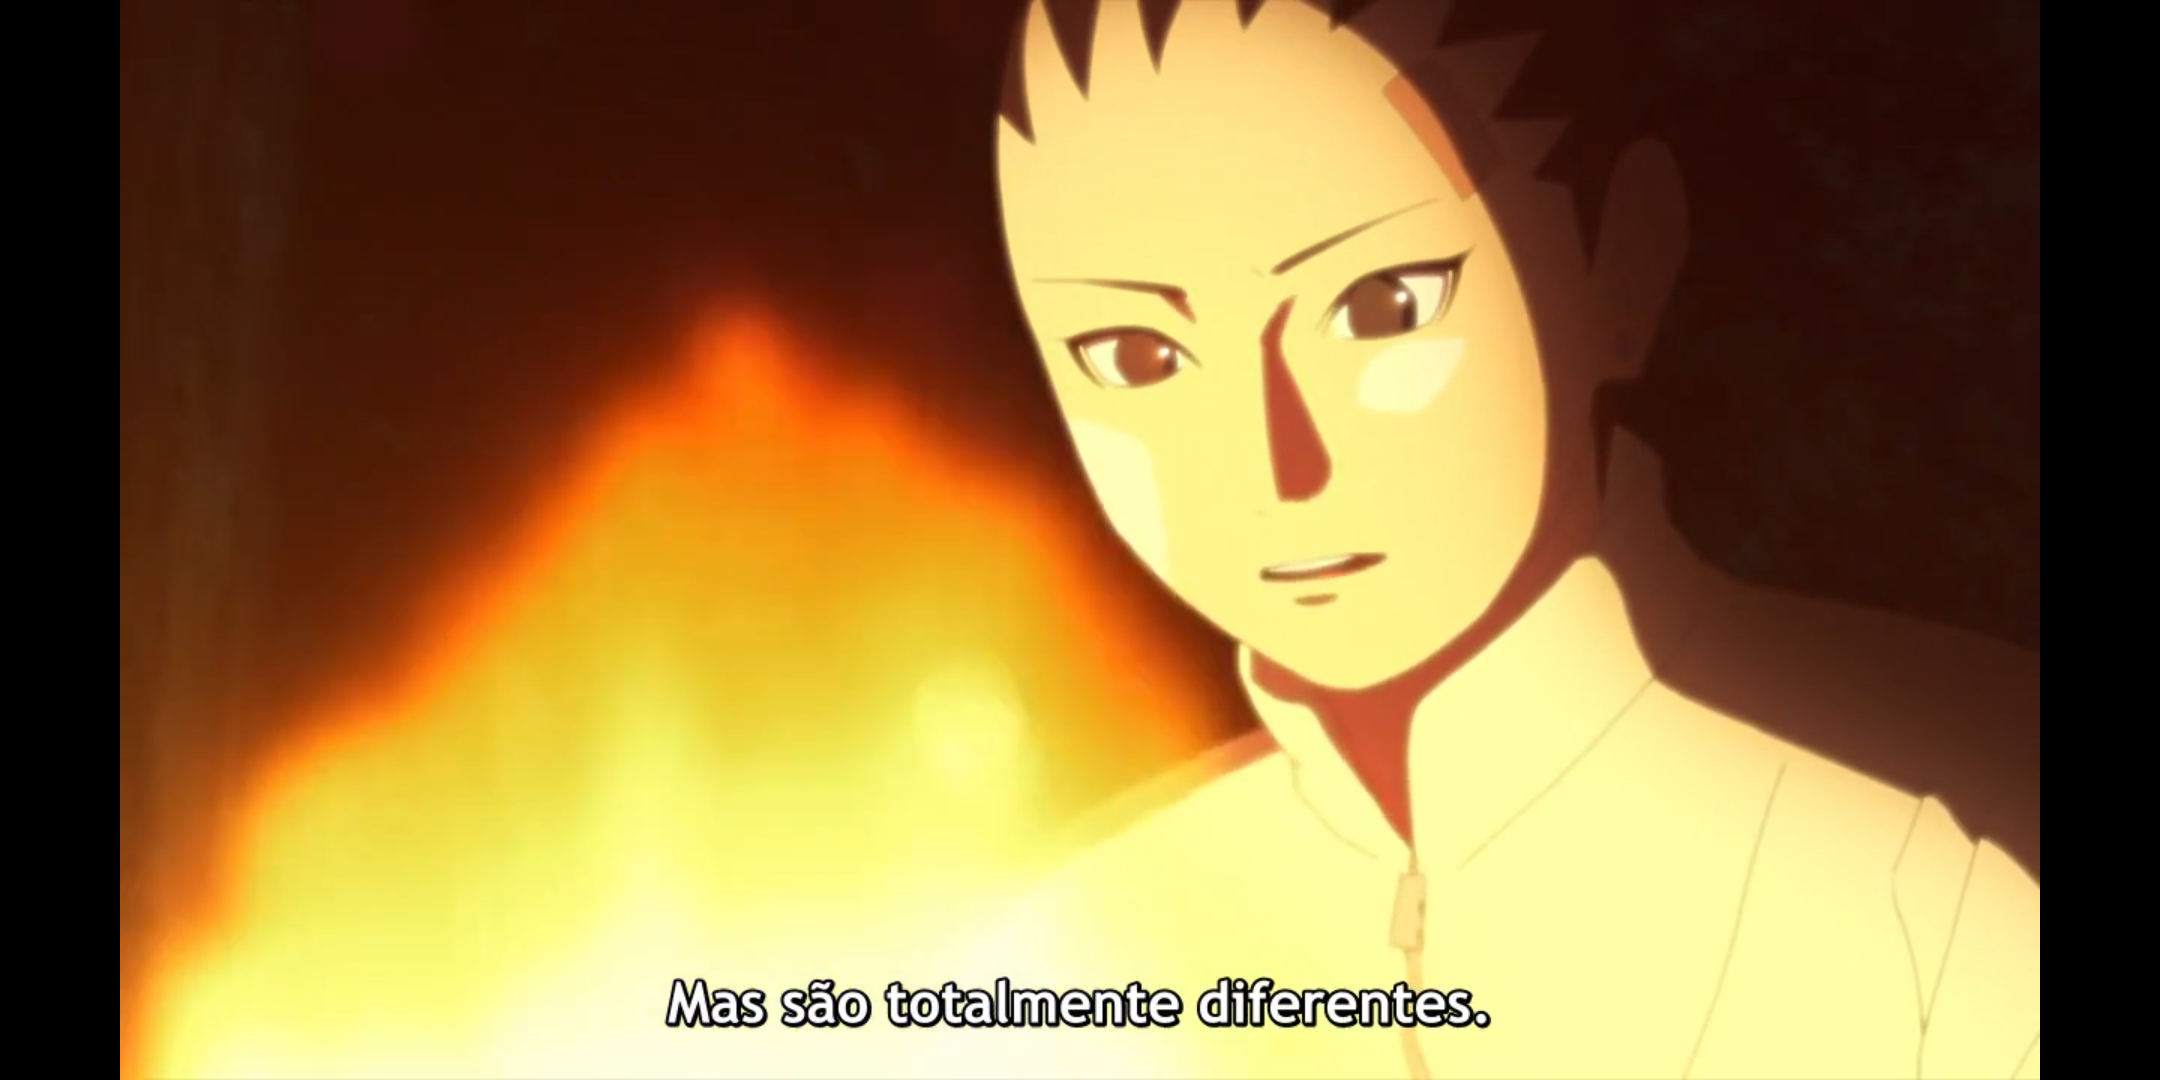 Boruto Naruto Next Generation - Todos os direitos reservados